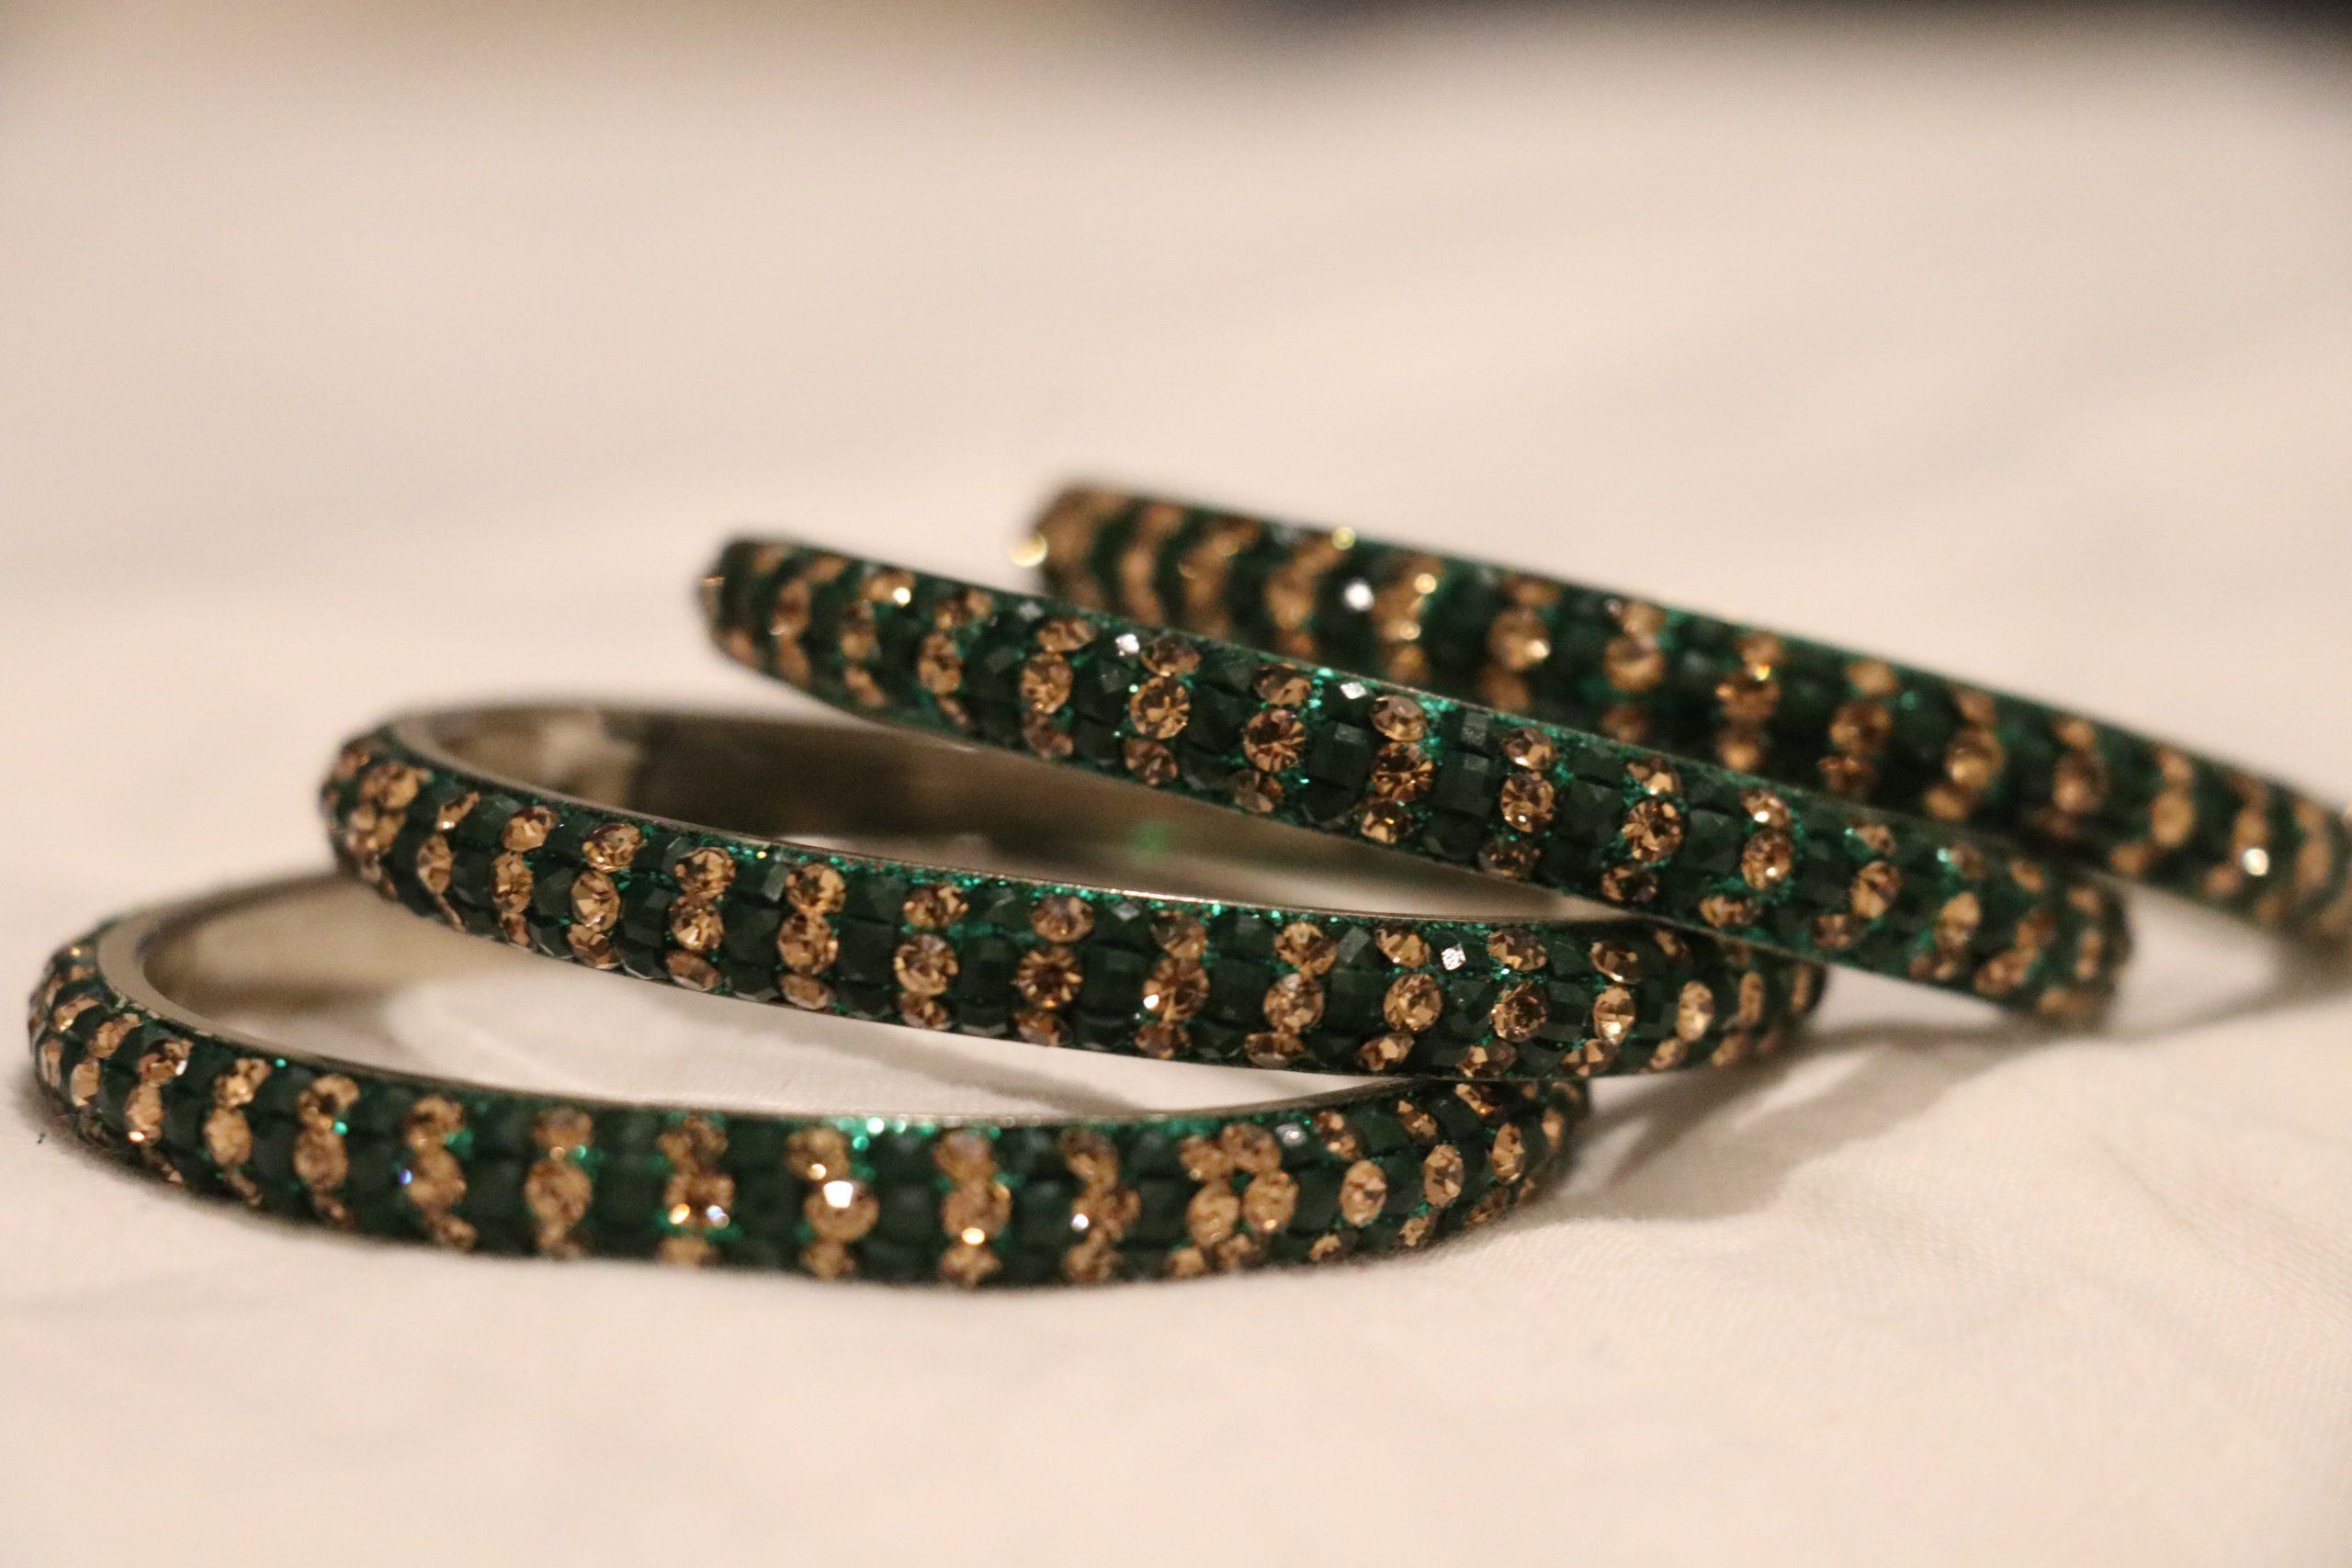 Stylish bangles